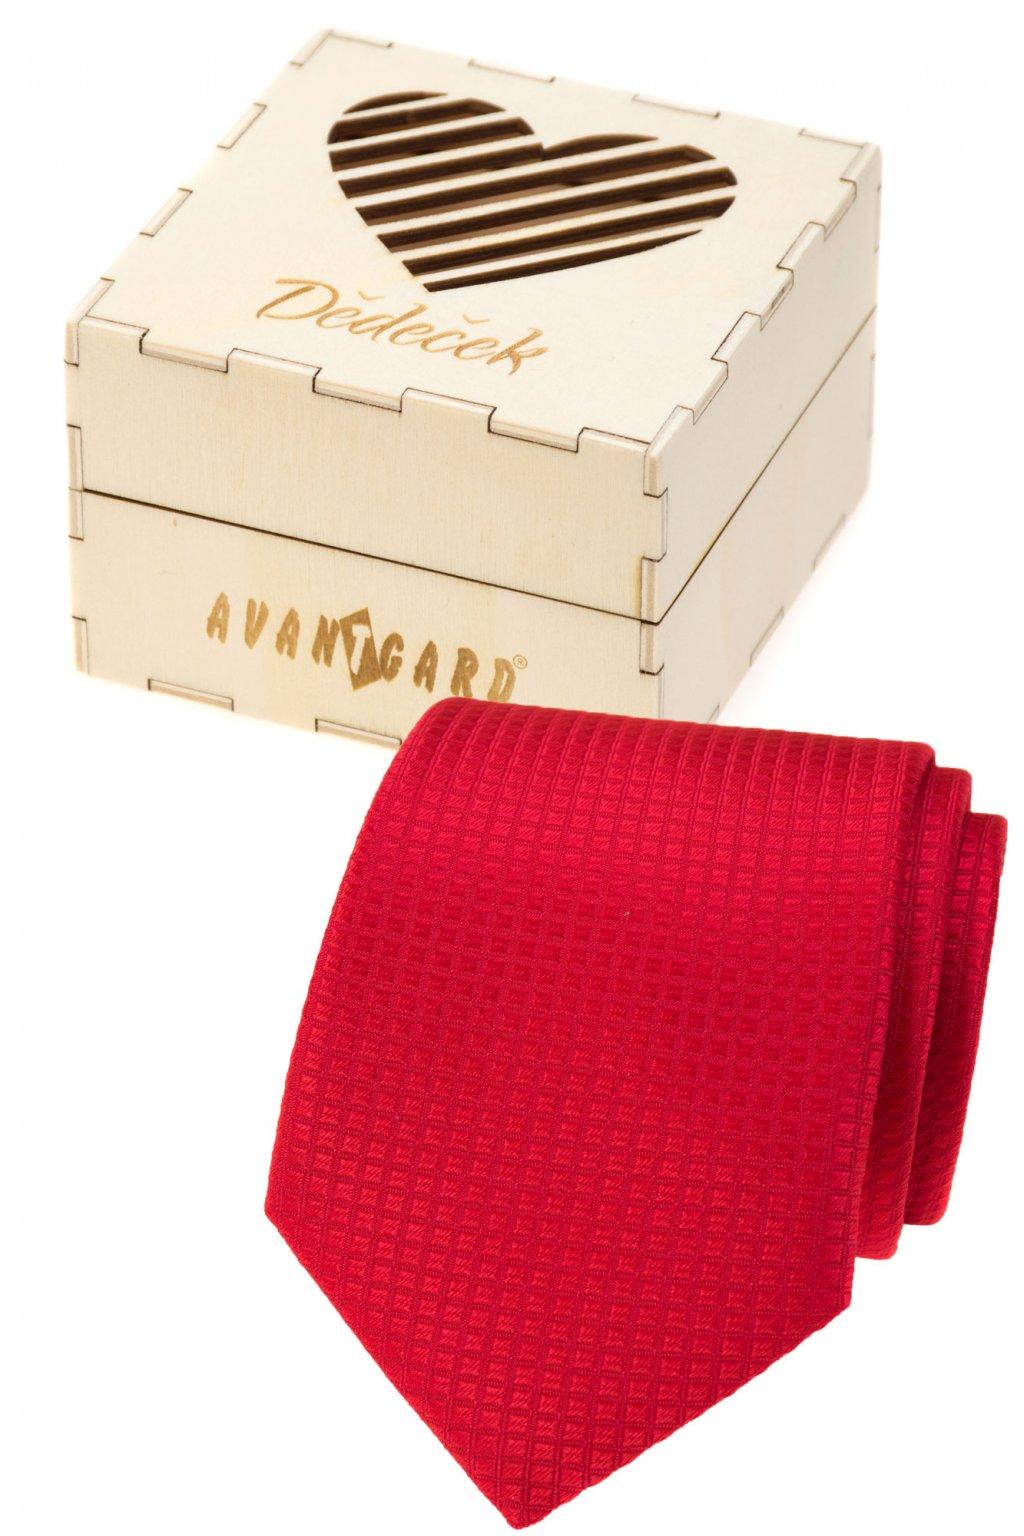 Dárkový set Dědeček - Kravata v dárkové dřevěné krabičce s nápisem, 919-37225, Červená, přírodní dřevo